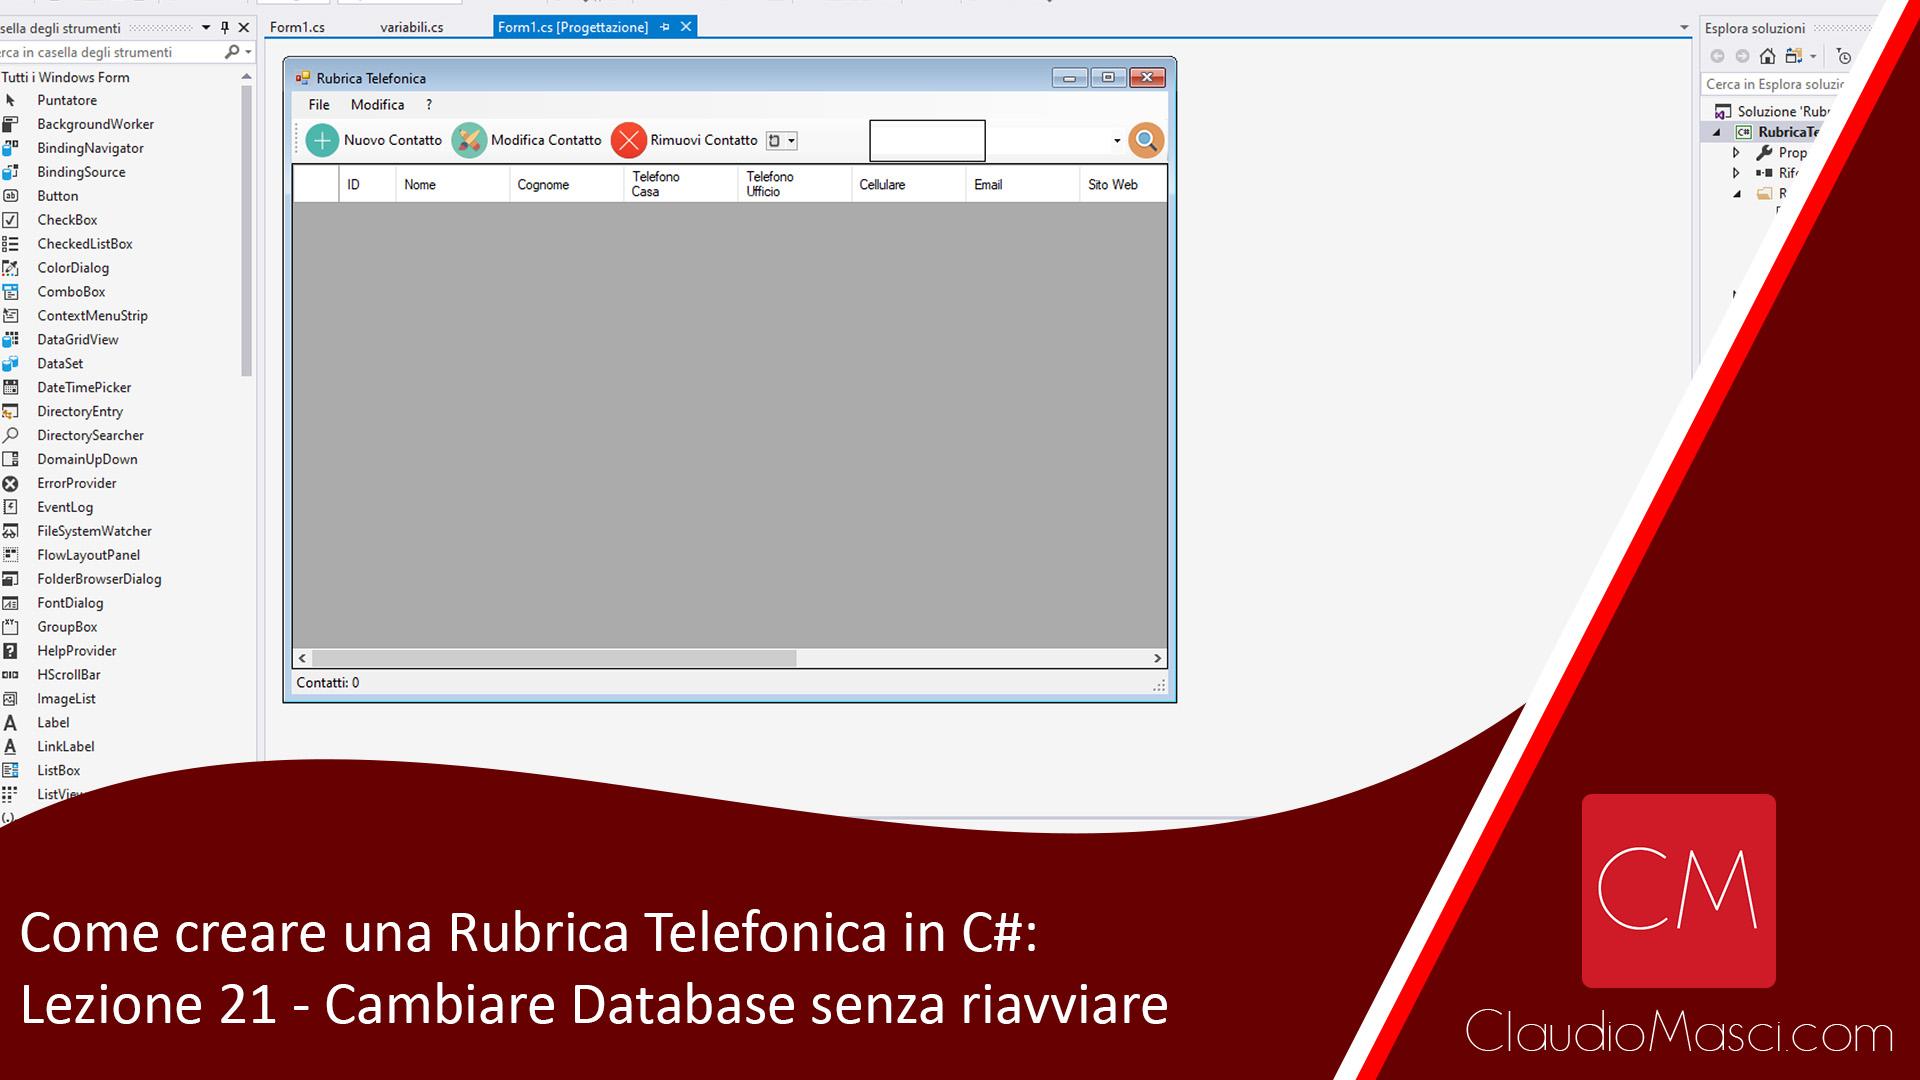 Come creare una Rubrica Telefonica in C# – #21 – Cambiare Database senza riavviare